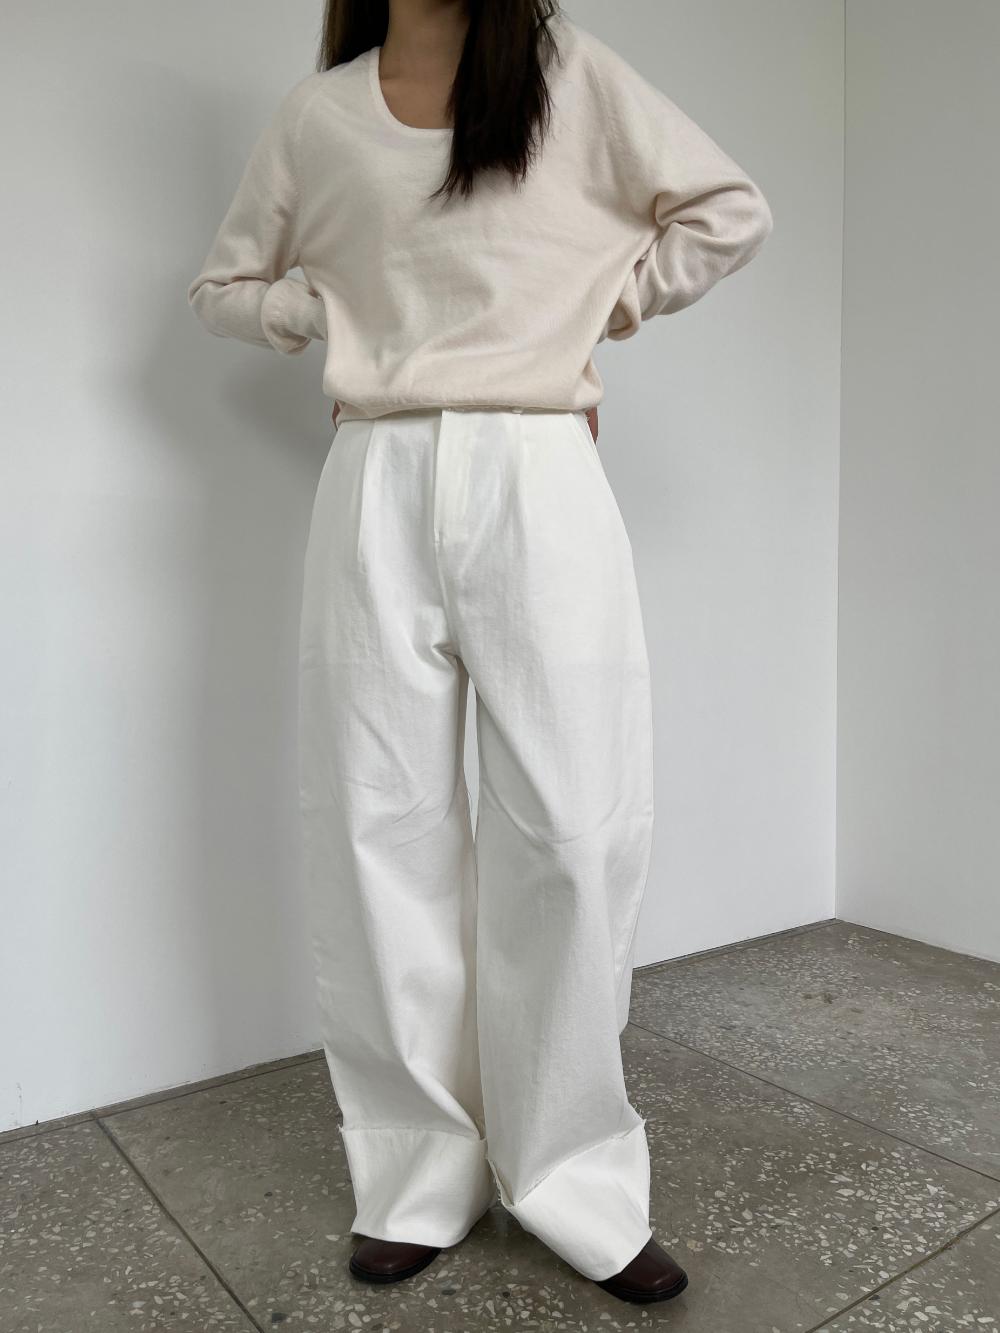 반팔 티셔츠 모델 착용 이미지-S3L7